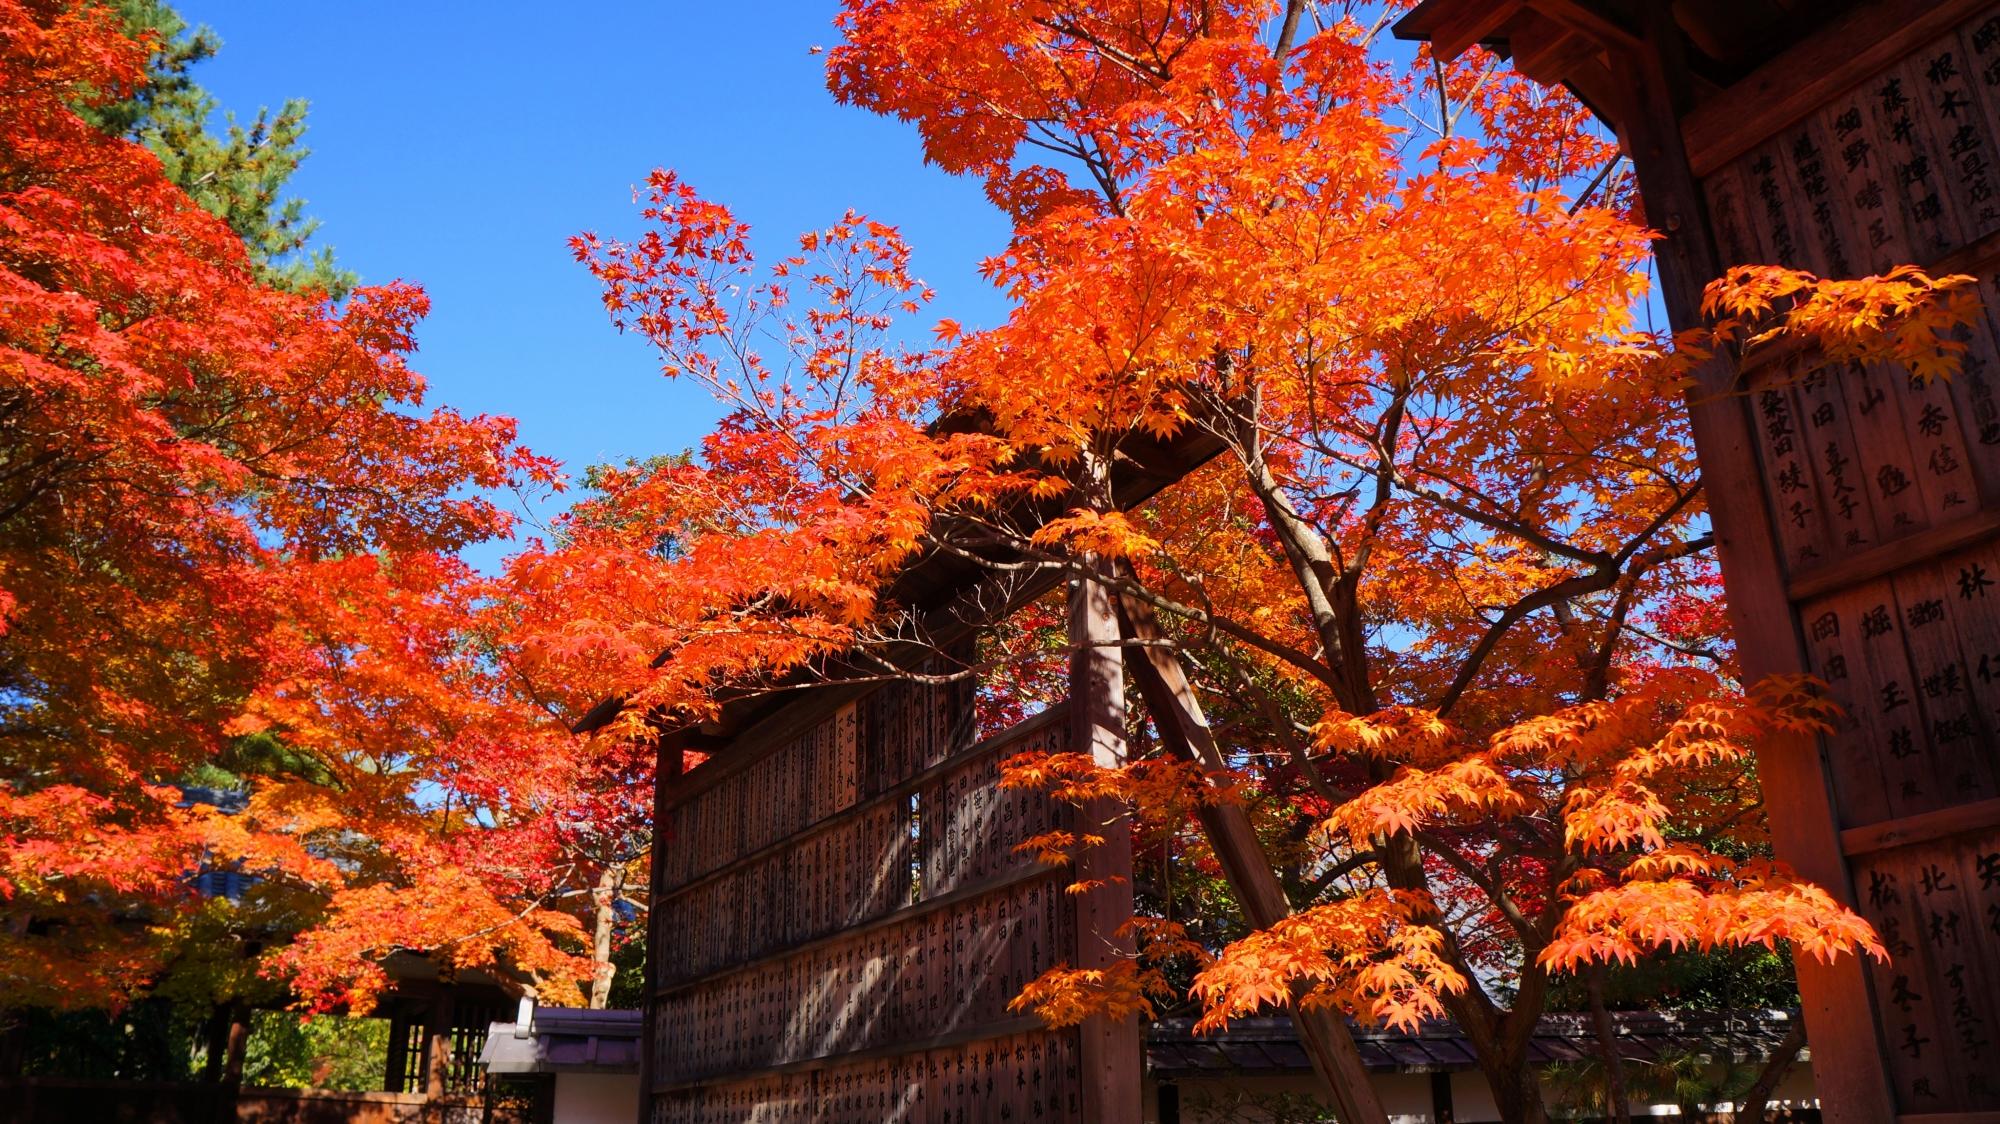 青空に映える煌びやかな紅葉